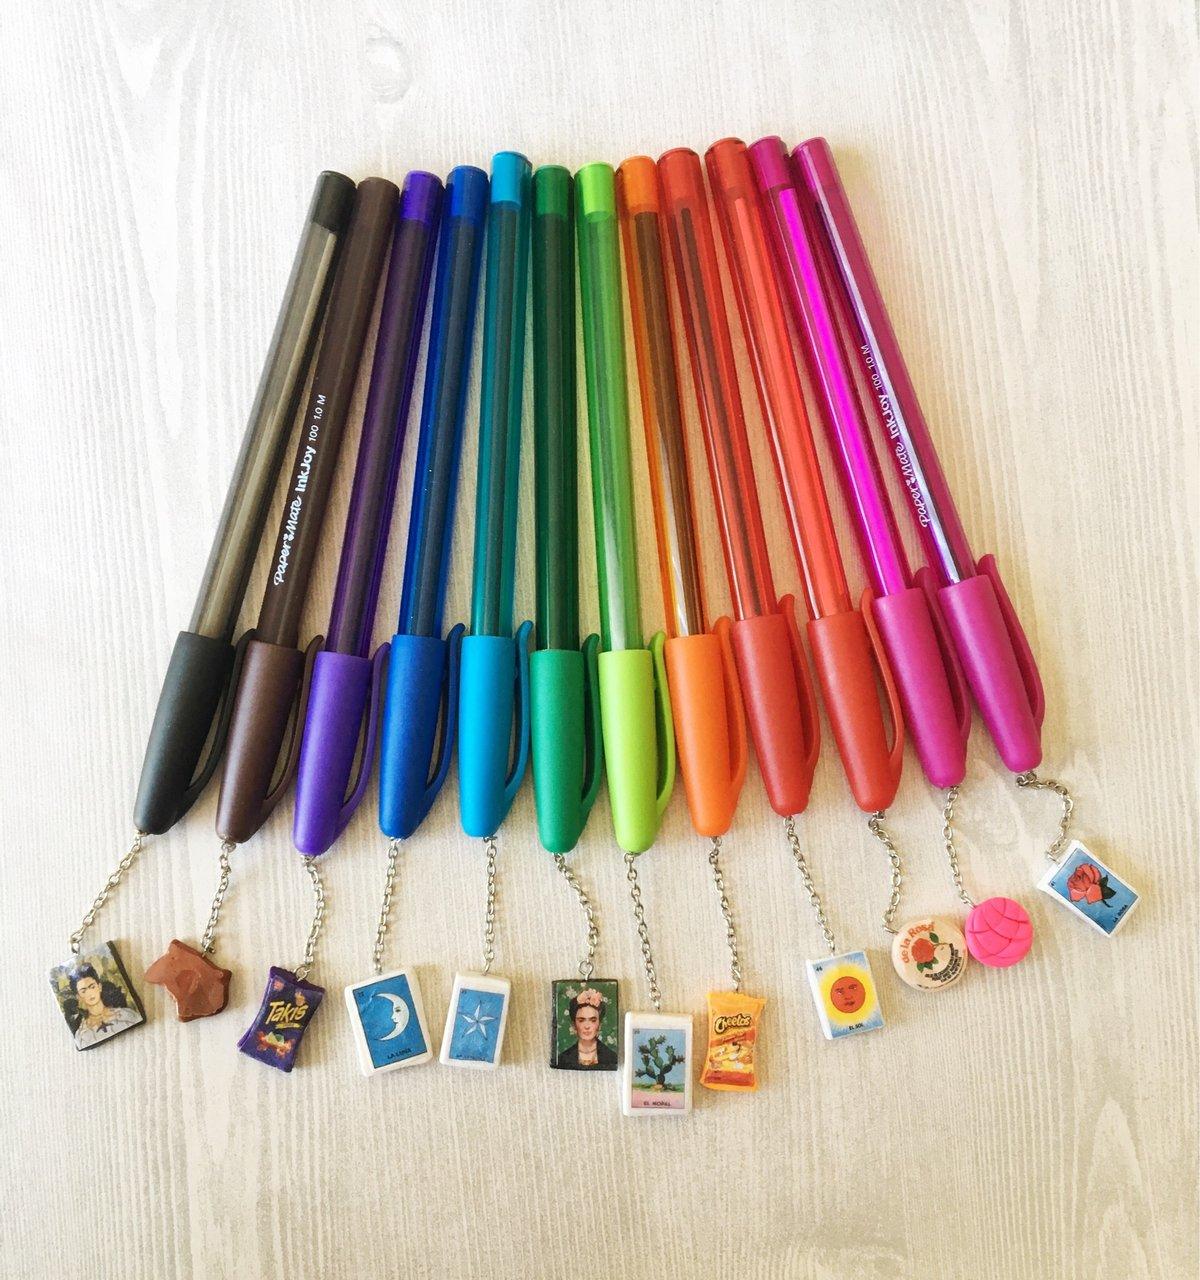 Charmed Pens